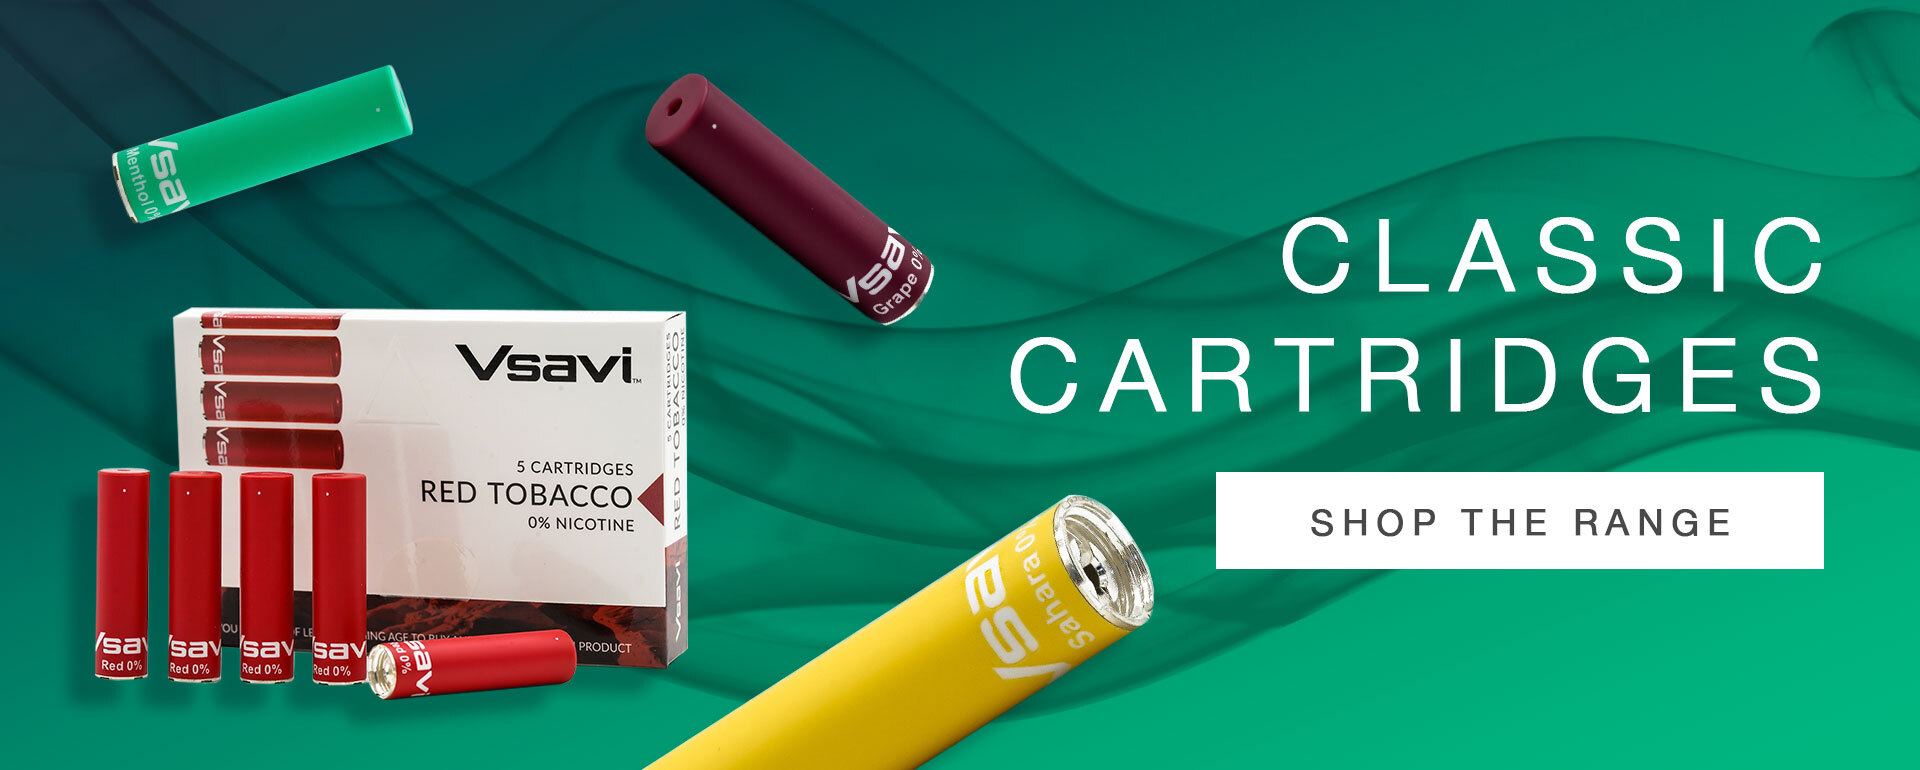 V2 Vsavi Classic Cartridges